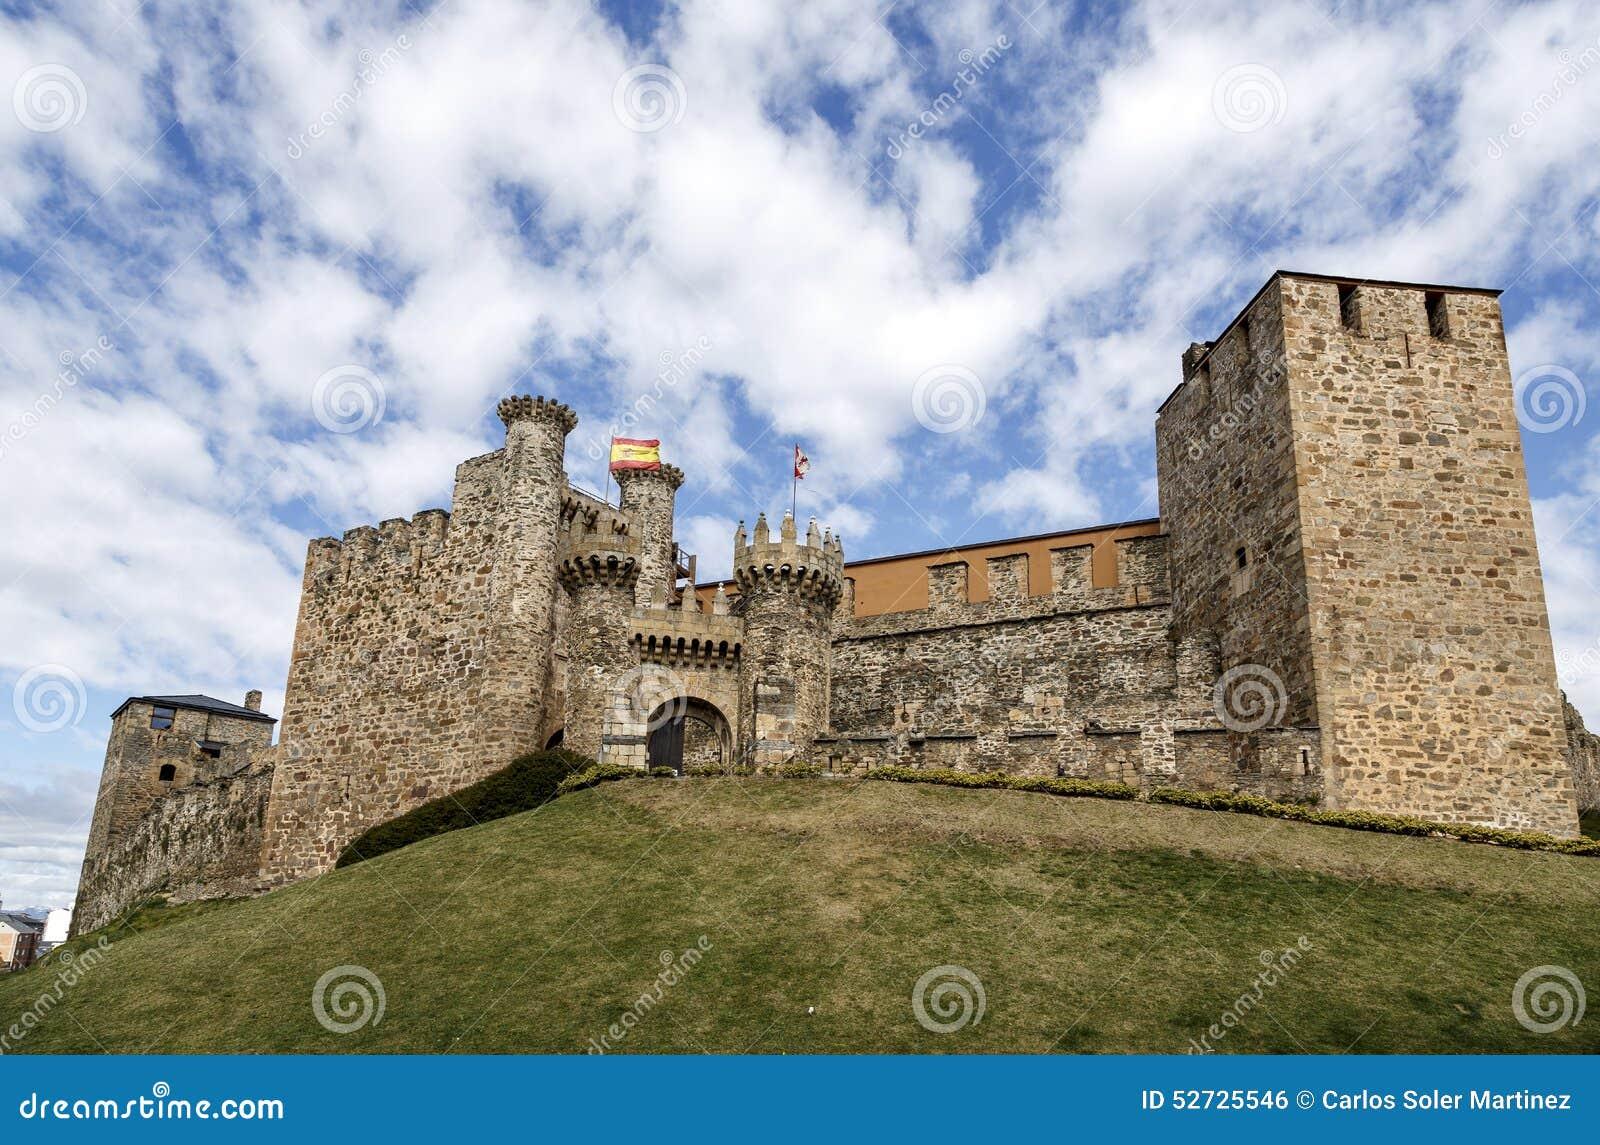 Huis of hoofdingang van Templar-kasteel in Ponferrada, Bierzo